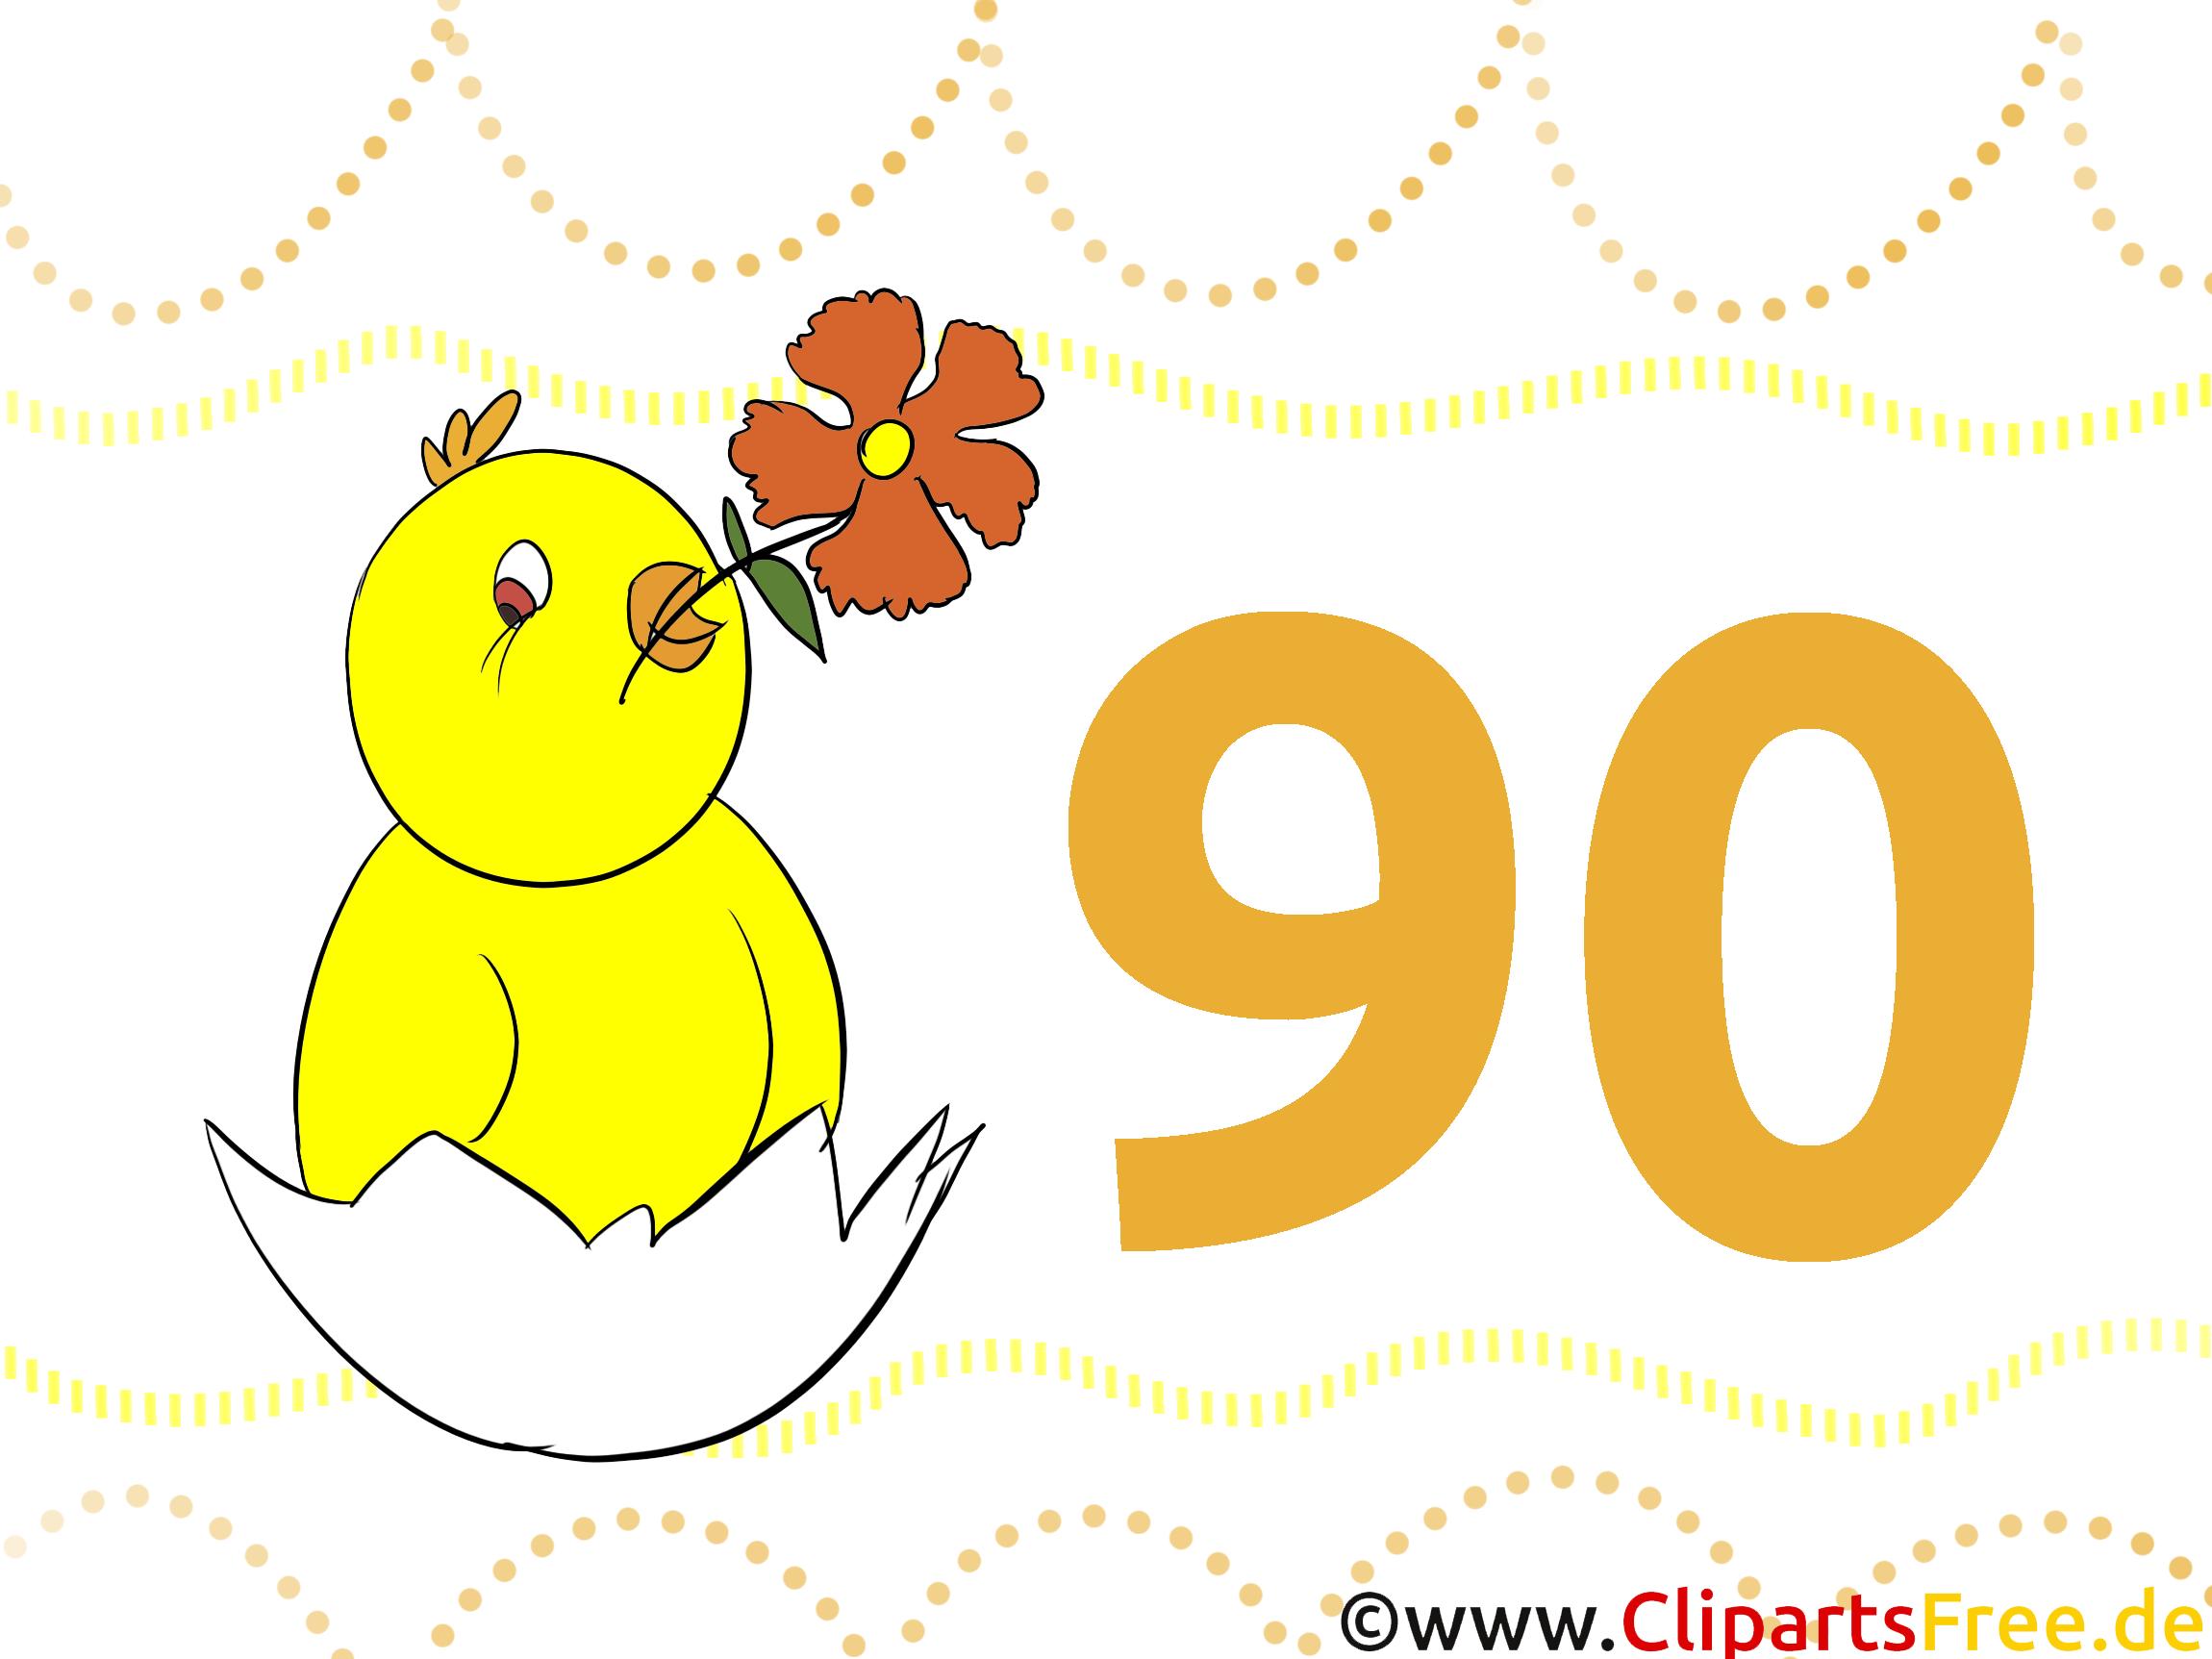 Bekannt Anniversaire - Clipart images télécharger gratuit QV54